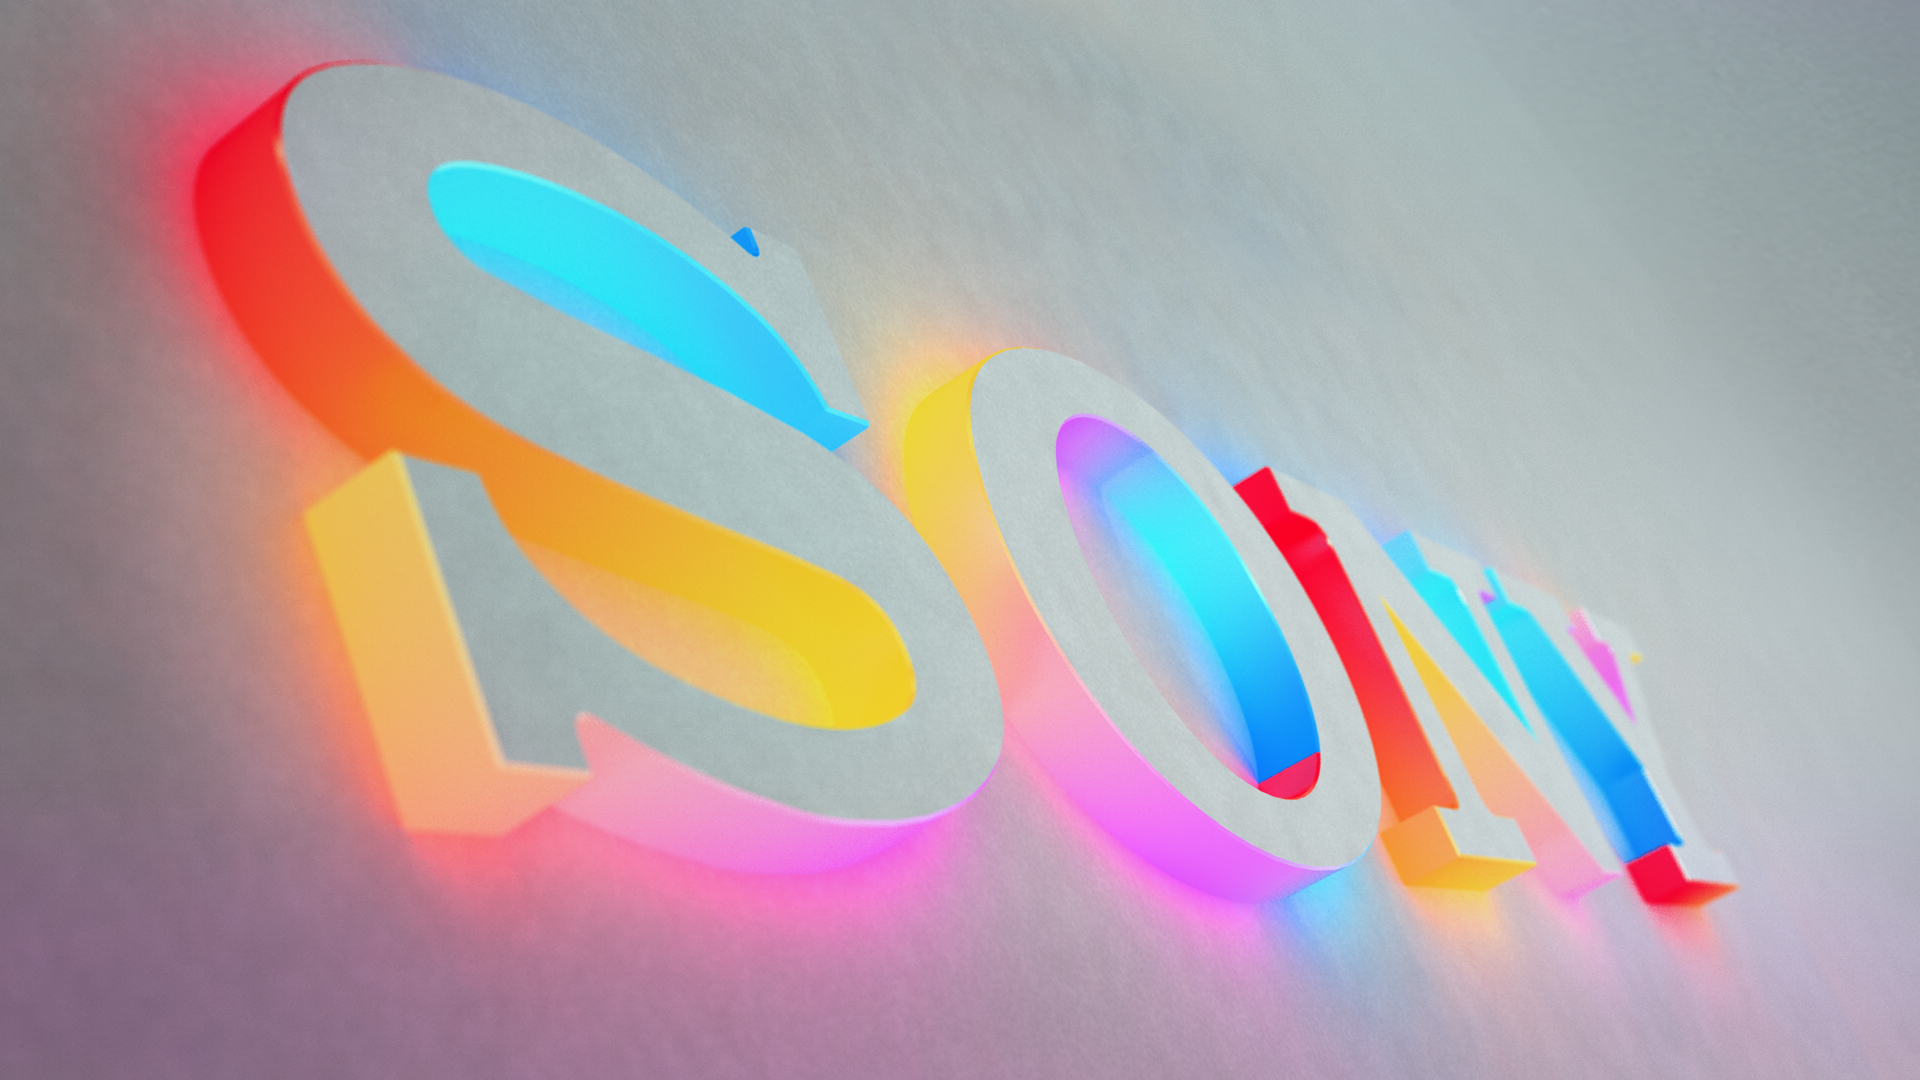 Sony_KidsRnd_A_Opt5_001.jpg